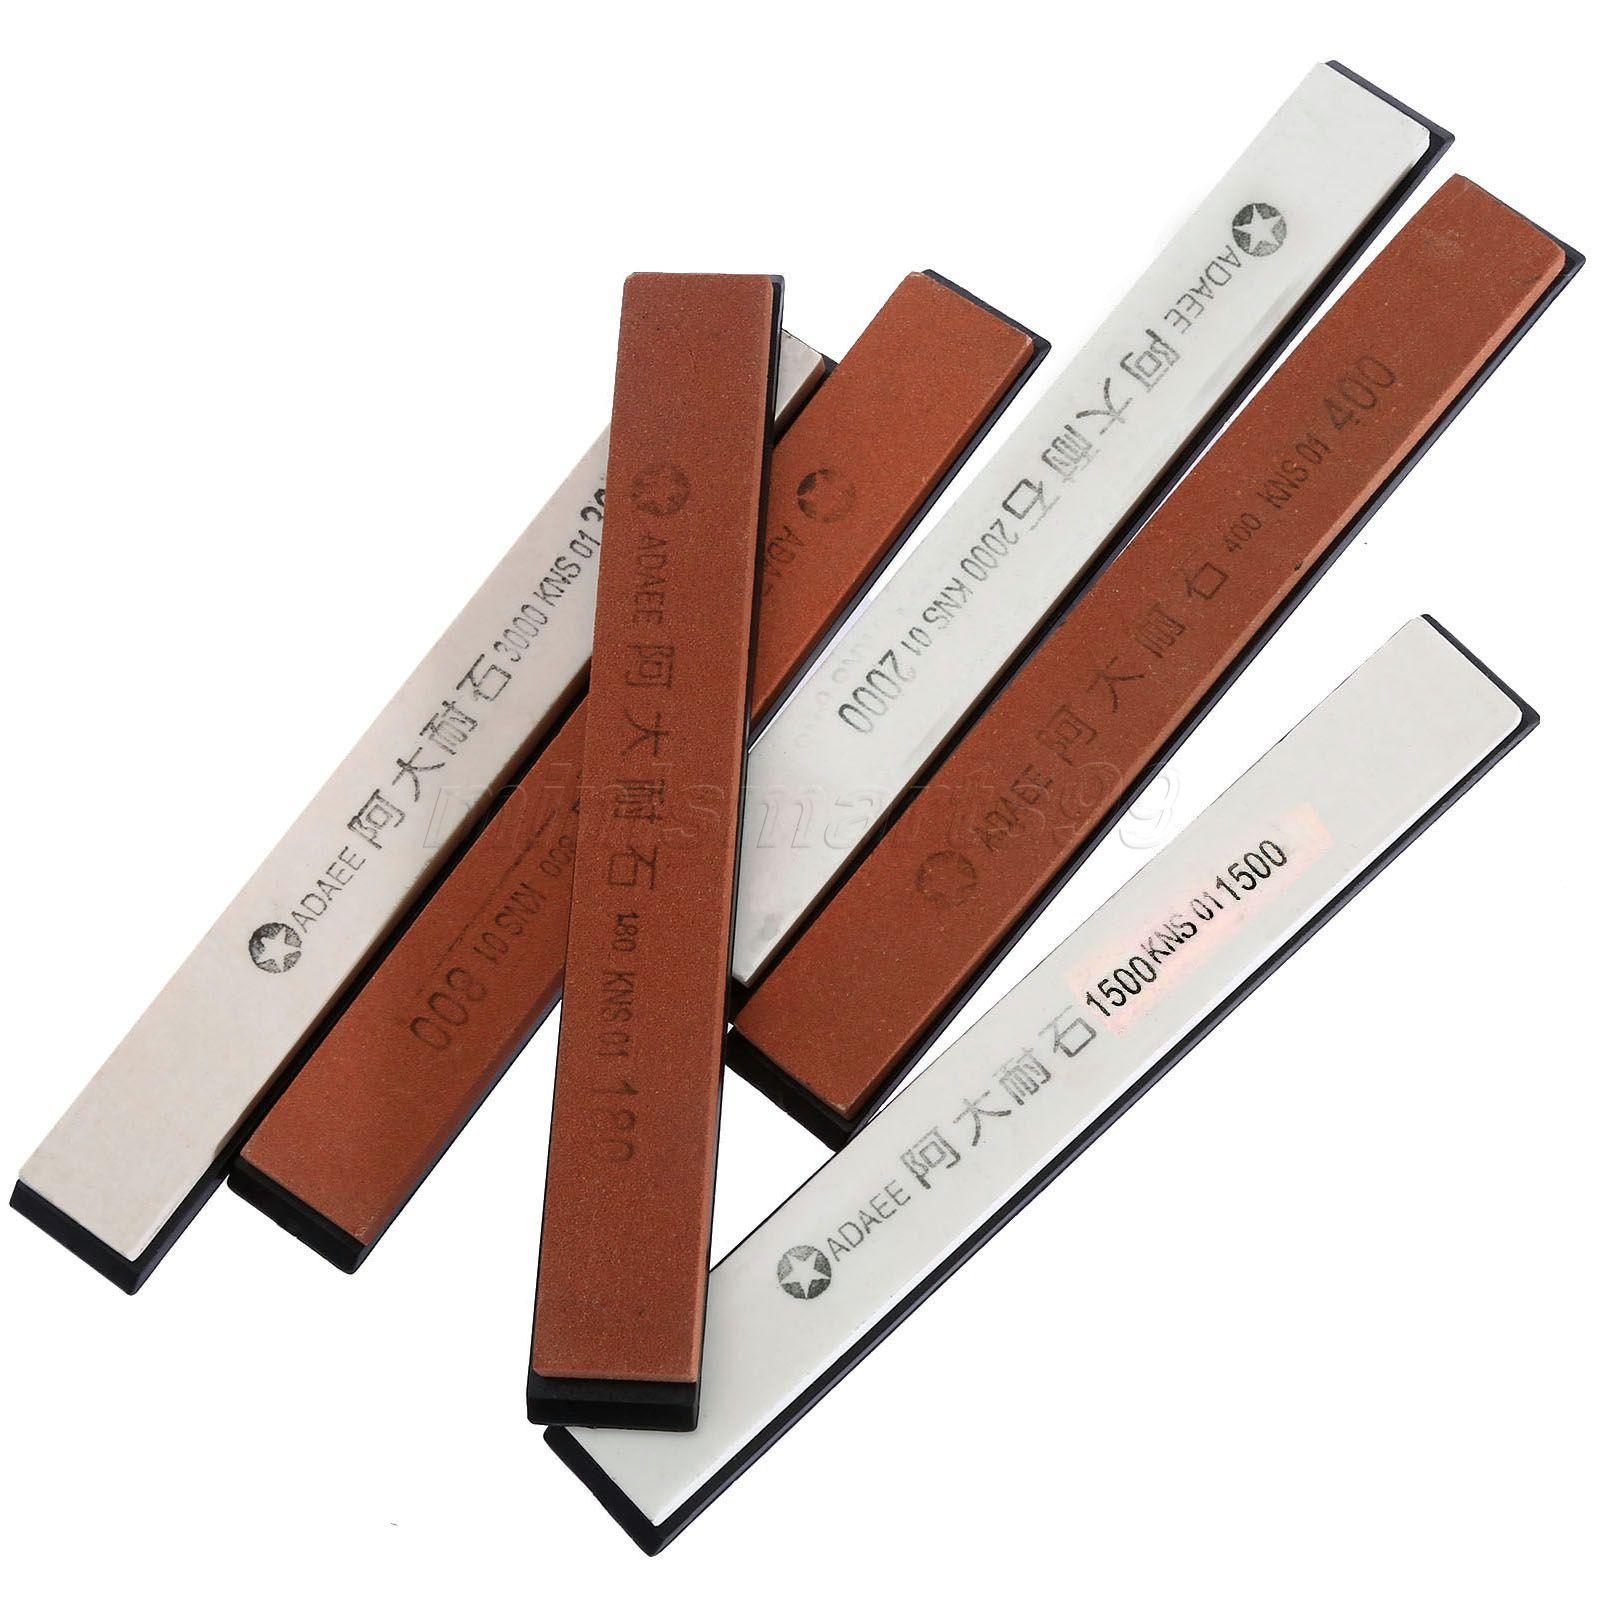 180 400 800 1500 2000 3000 Grit Knife Sharpening Stone Sharpener Drindstones Professional